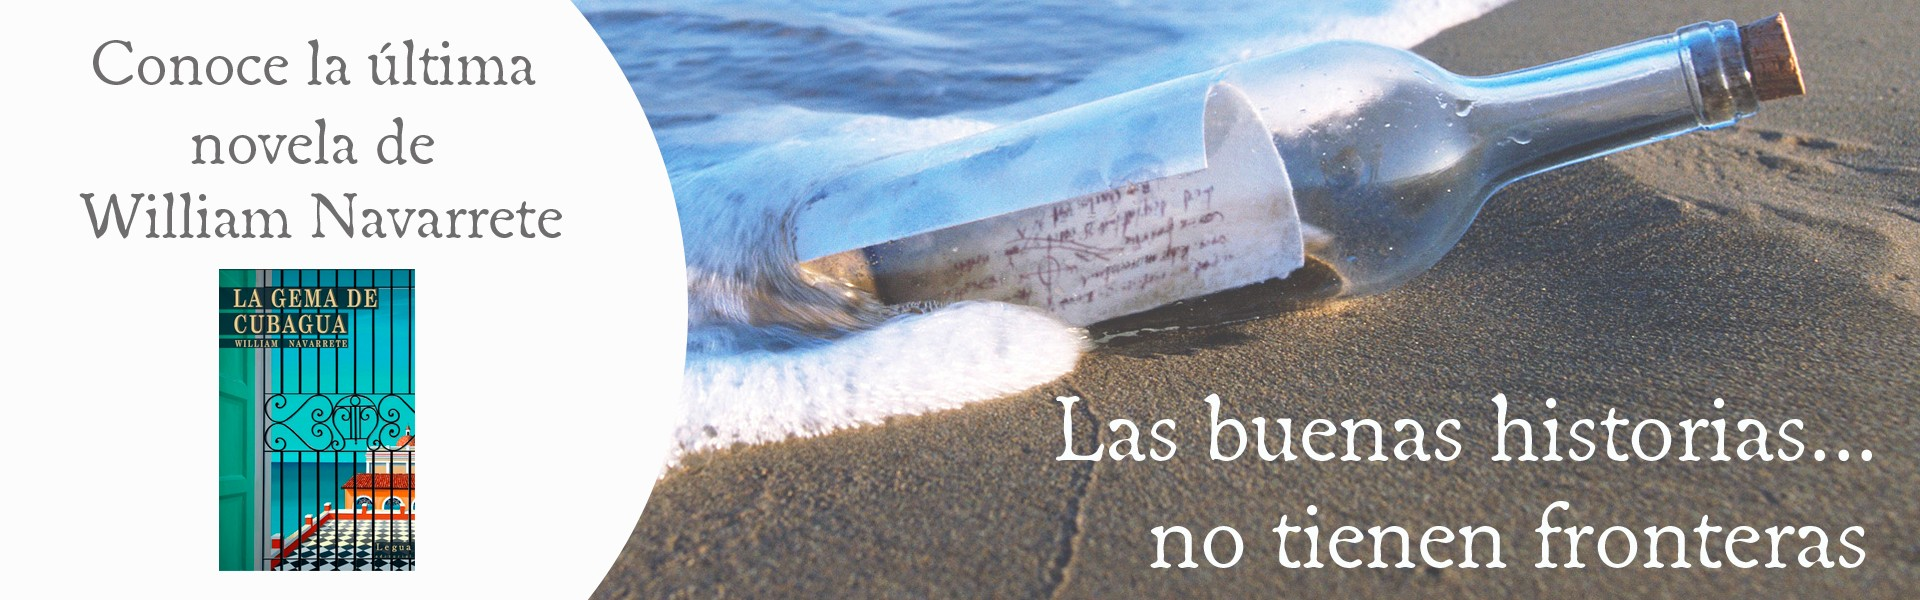 Las buenas Historias en los mejores ebooks cubanos